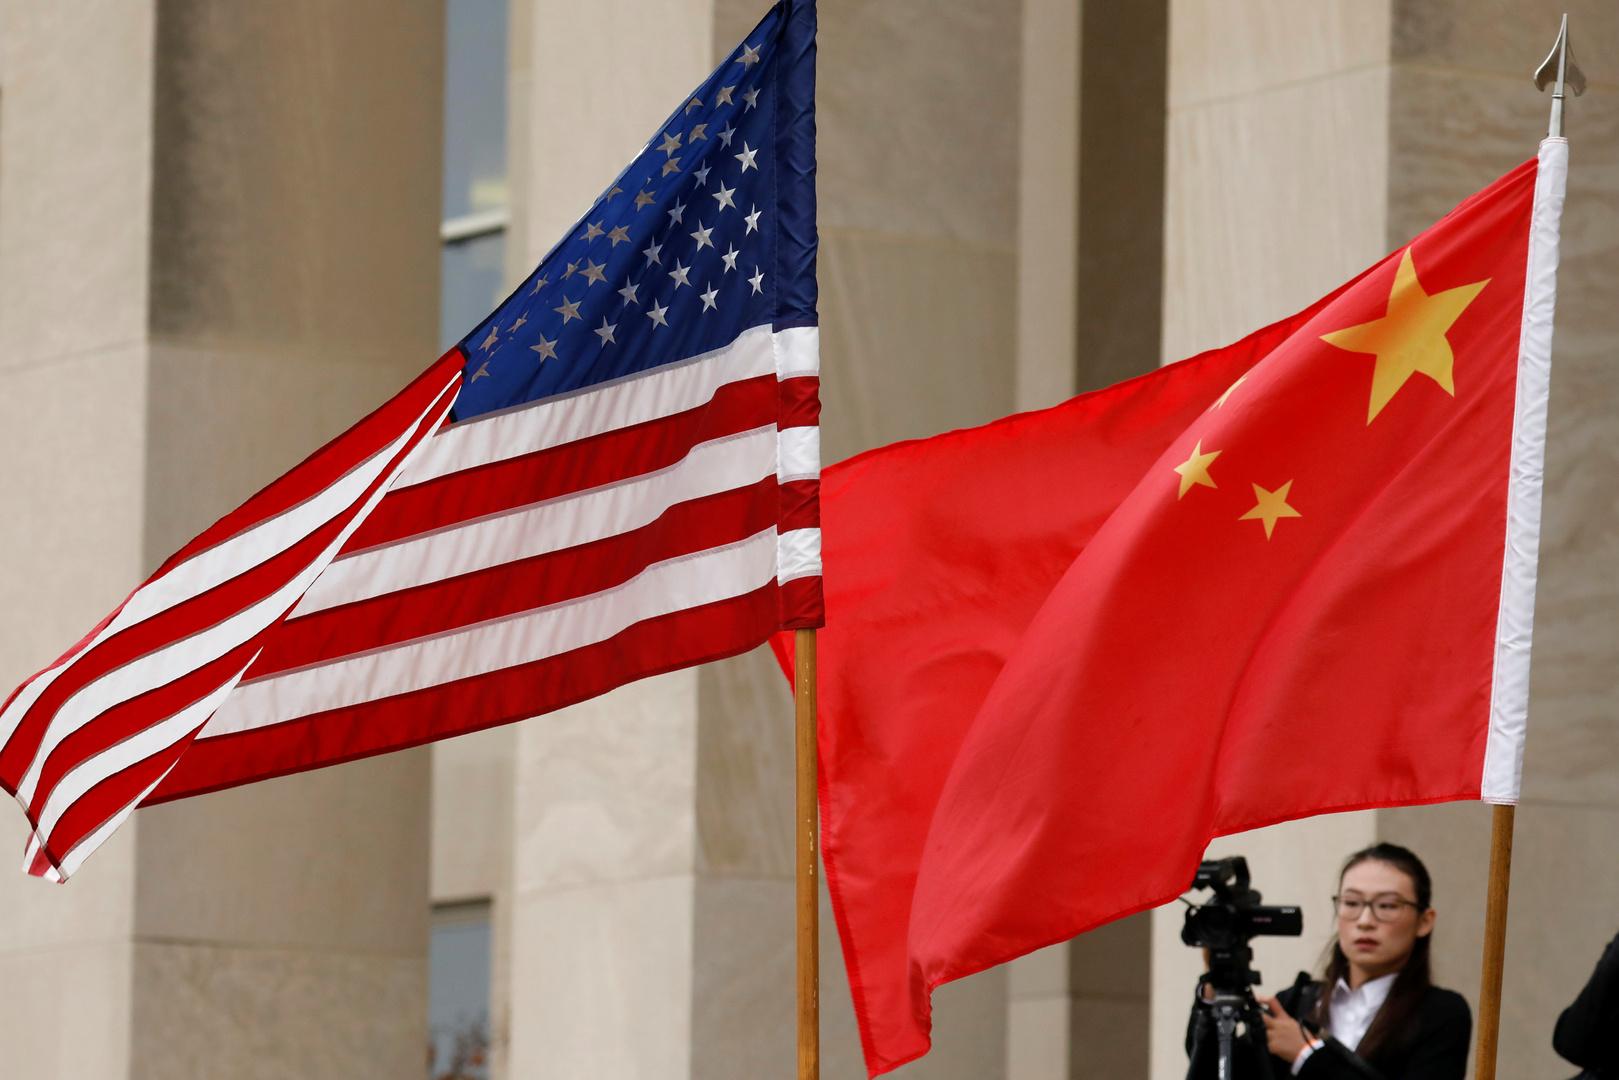 بكين تطالب واشنطن بعدم التدخل في شؤونها الداخلية